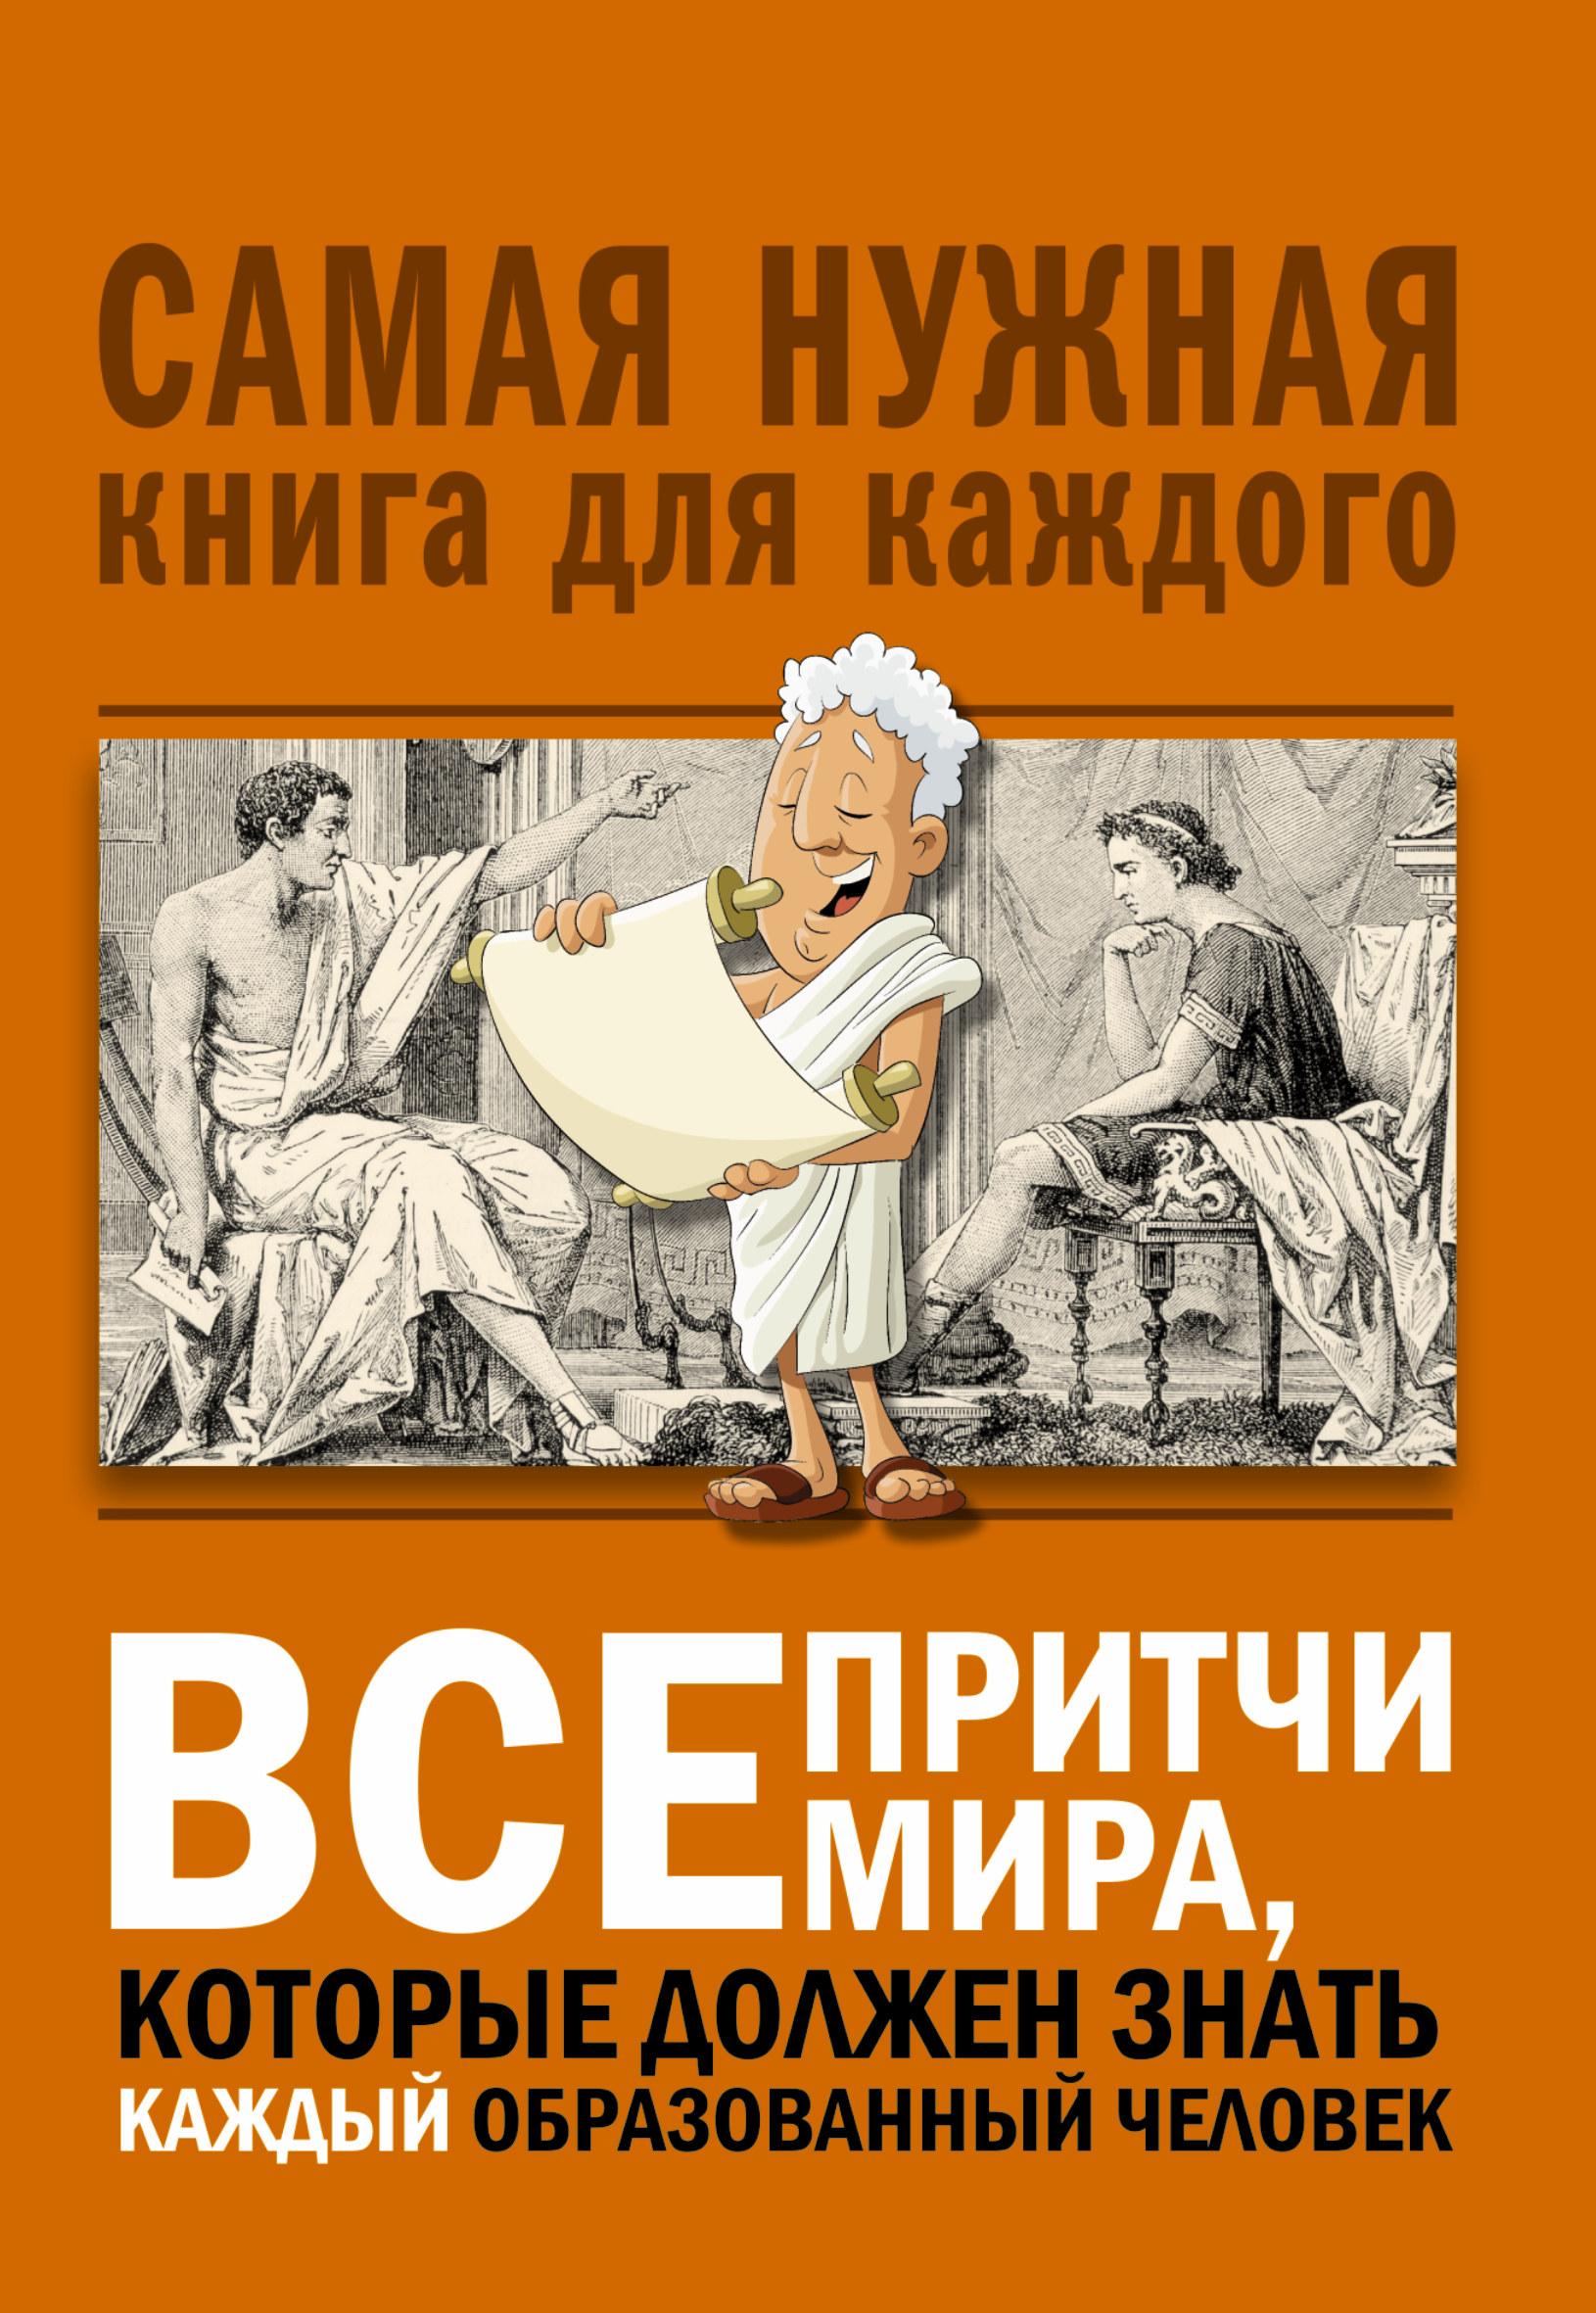 . Все притчи мира, которые должен знать каждый образованный человек ISBN: 978-5-17-107158-5 а а спектор все что должен знать каждый образованный человек об истории